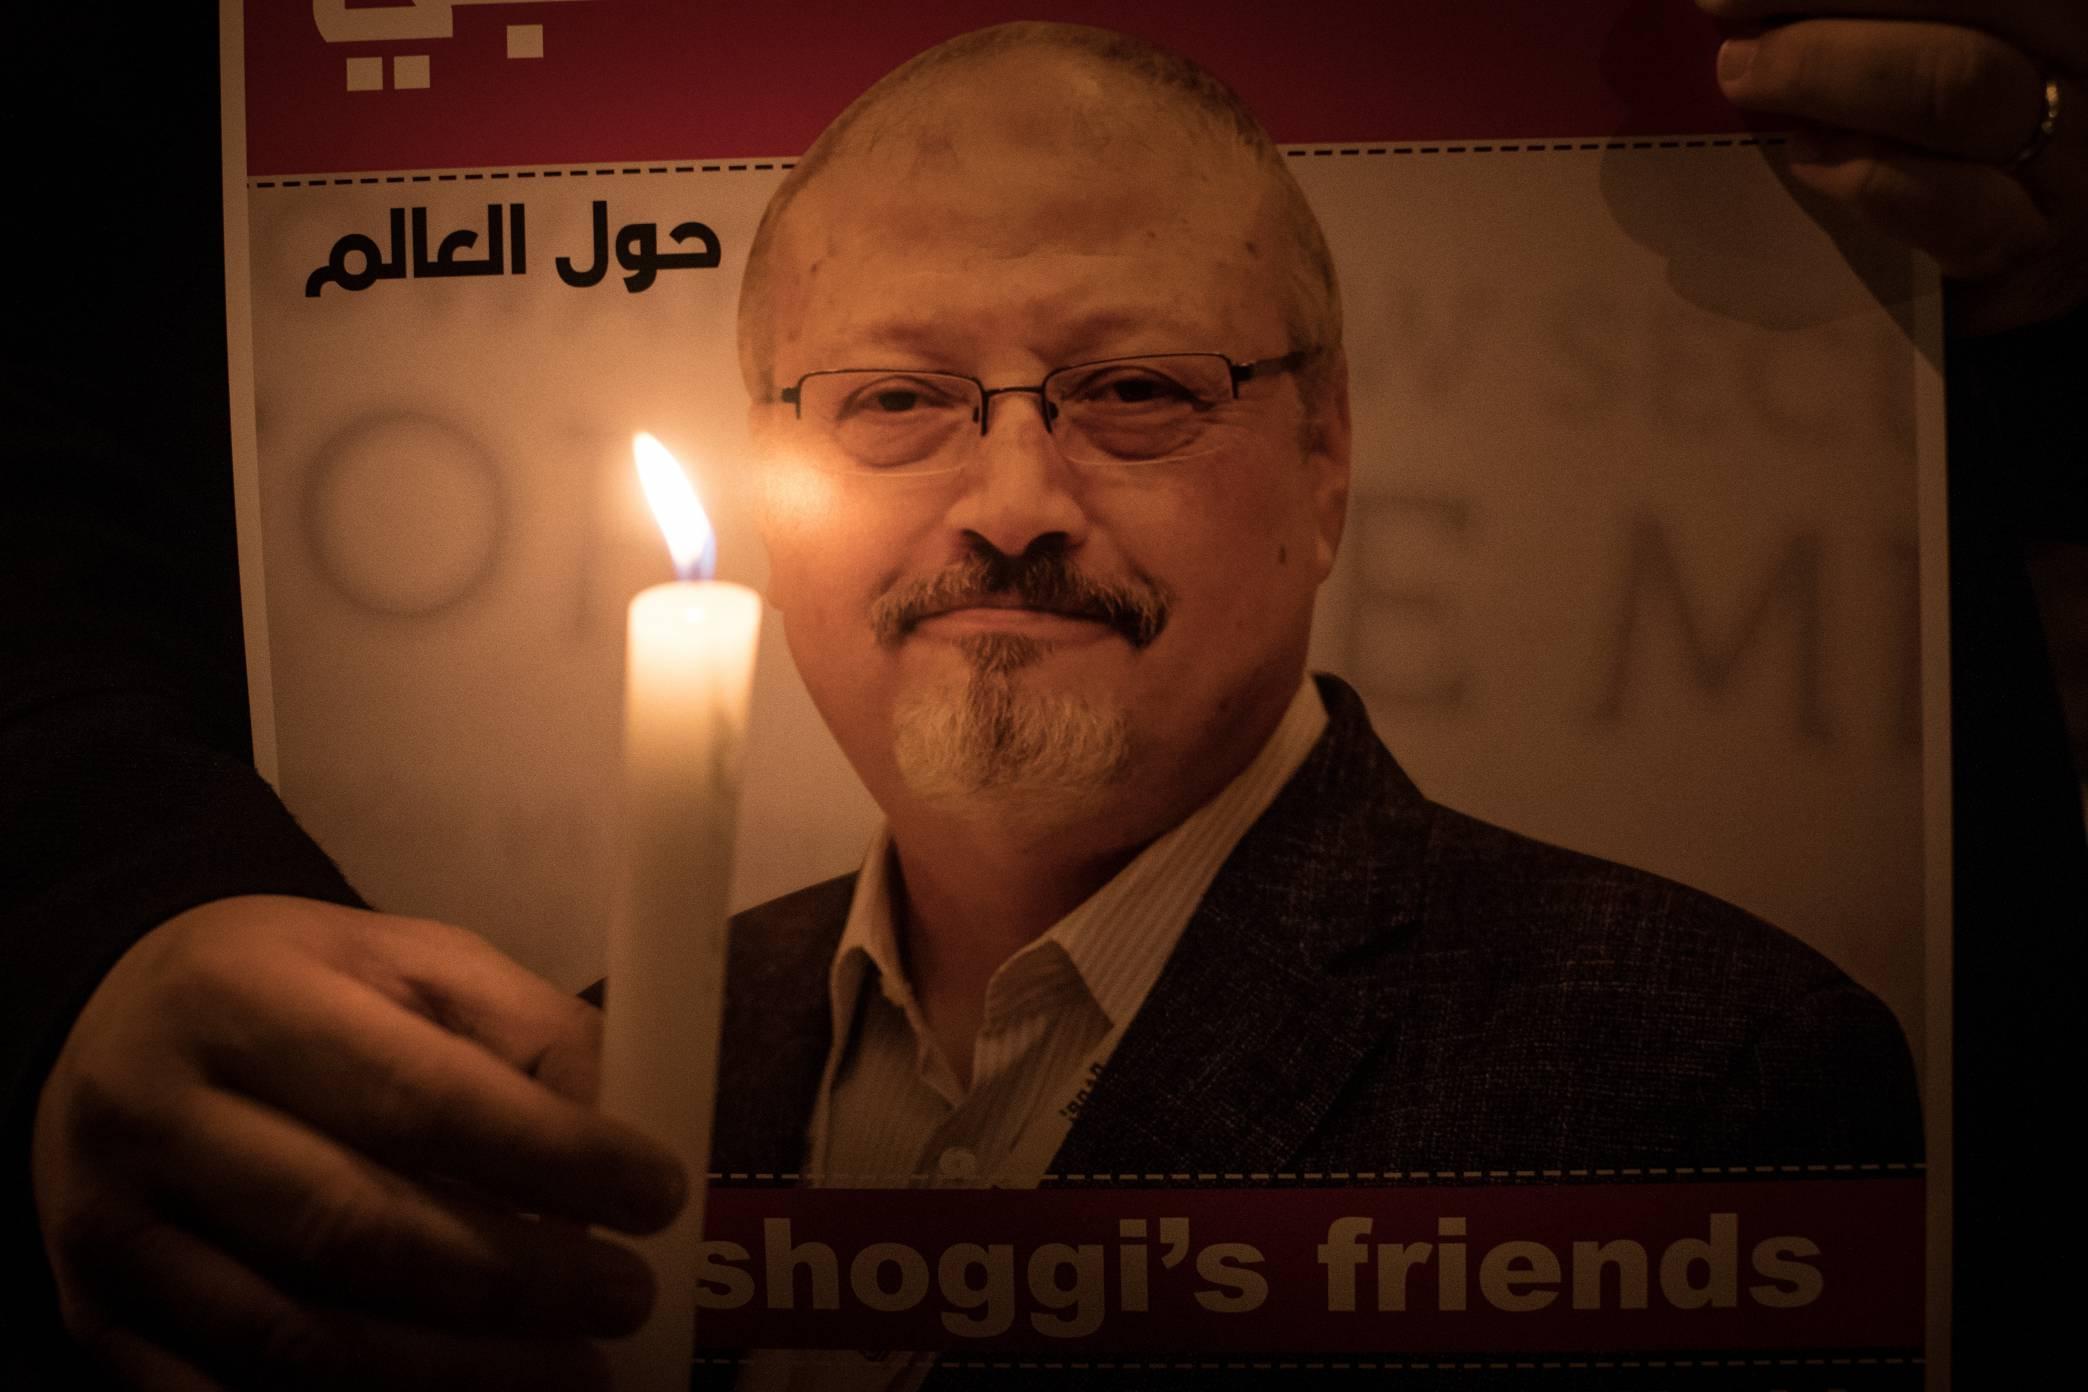 U.S. Announces Sanctions Against Saudis, Alleging Involvement in Khashoggi Murder